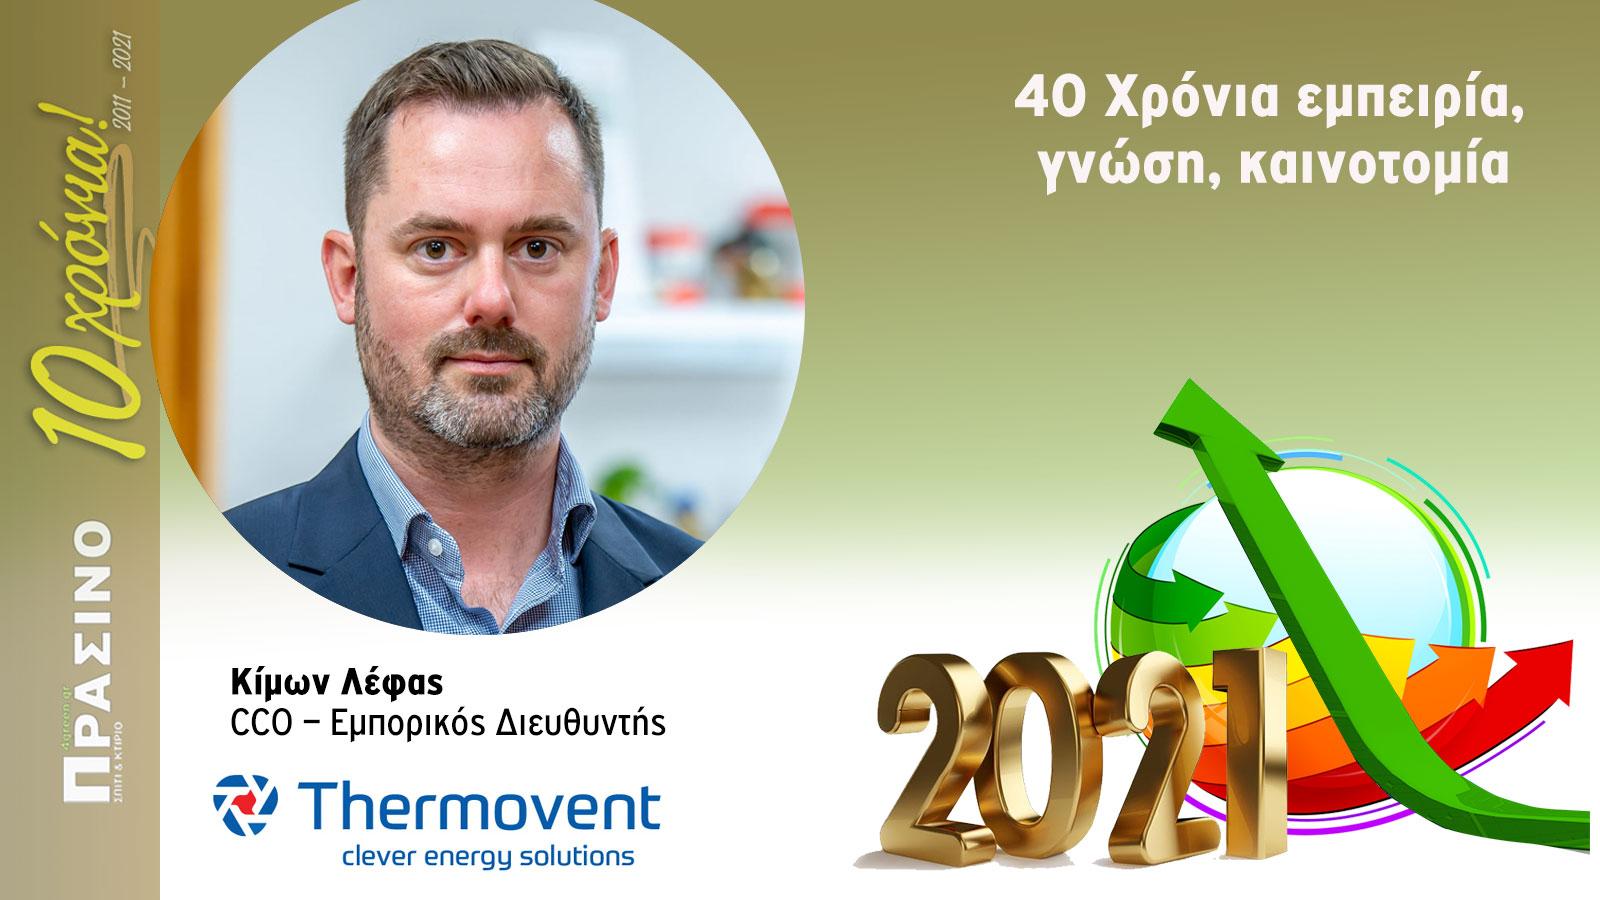 Μιλάμε με τον Κύριο Κίμωνα Λέφα, CCO - Εμπορικός Διευθυντής της Thermovent Hellas